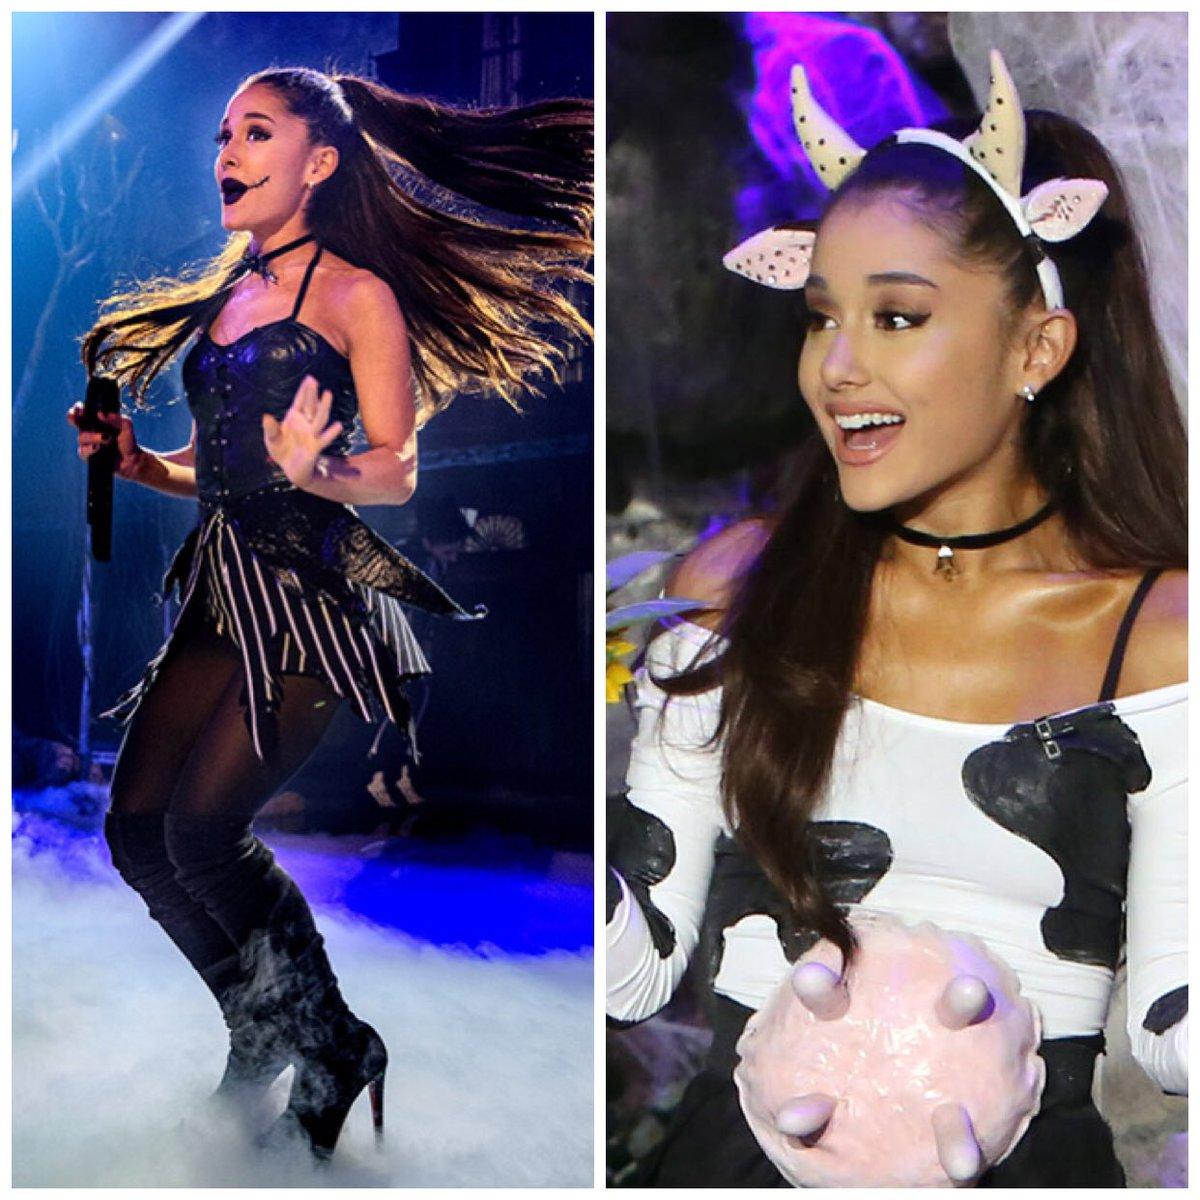 Ariana Grande Update On Twitter 2014 X 2015 X 2016 Ariana